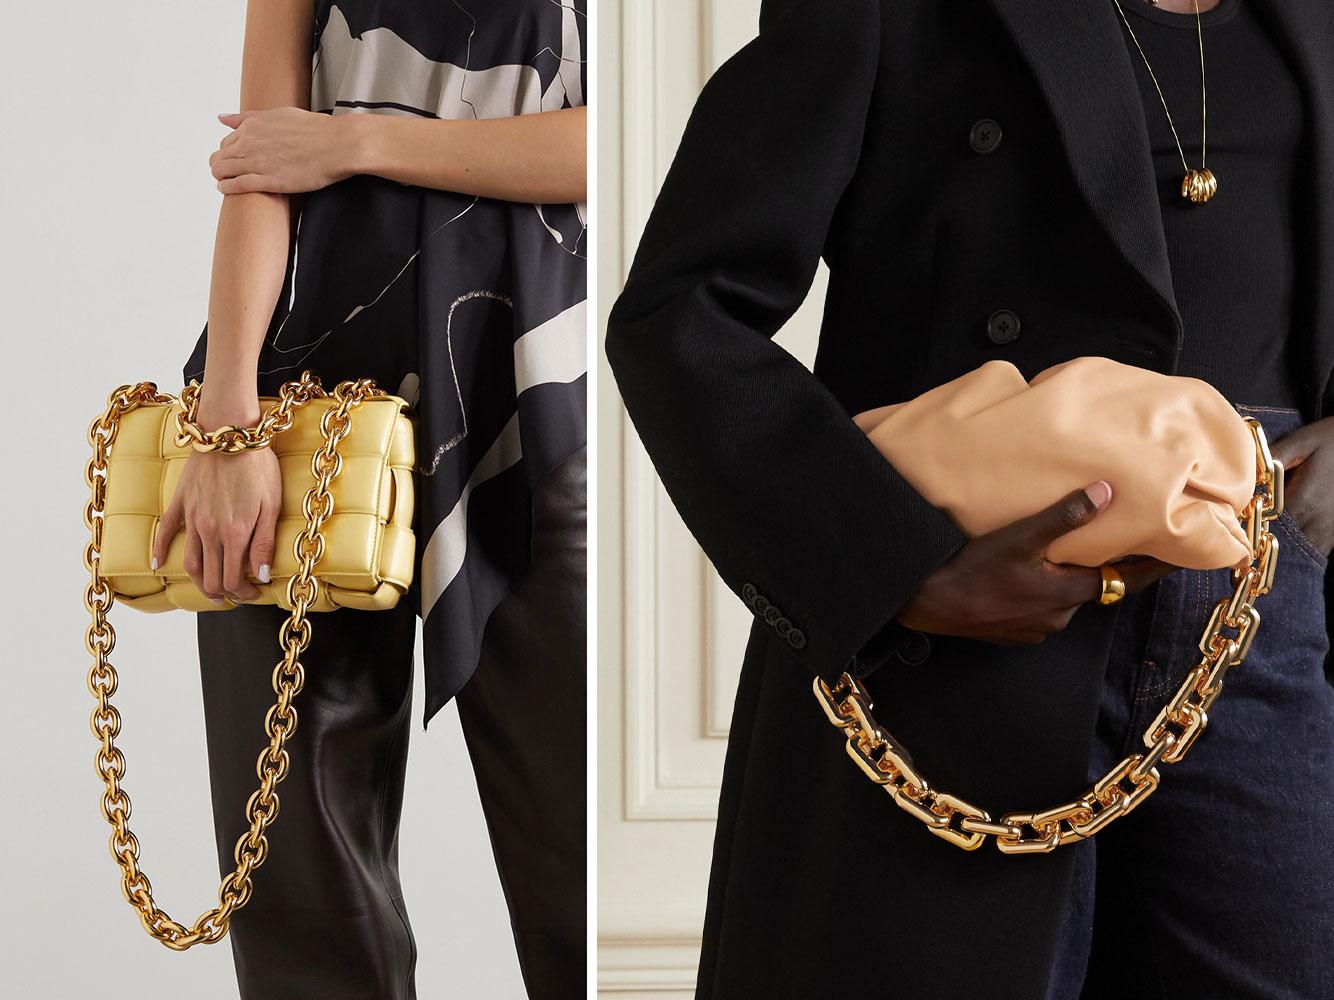 Bottega Veneta dẫn đầu xu hướng túi xách 2021 với các mẫu túi có quai đeo hình mắt xích to bản. Trái: Túi Bottega Veneta Chain Cassette. Phải: Túi Chain Pouch. Ảnh: Net-A-Porter